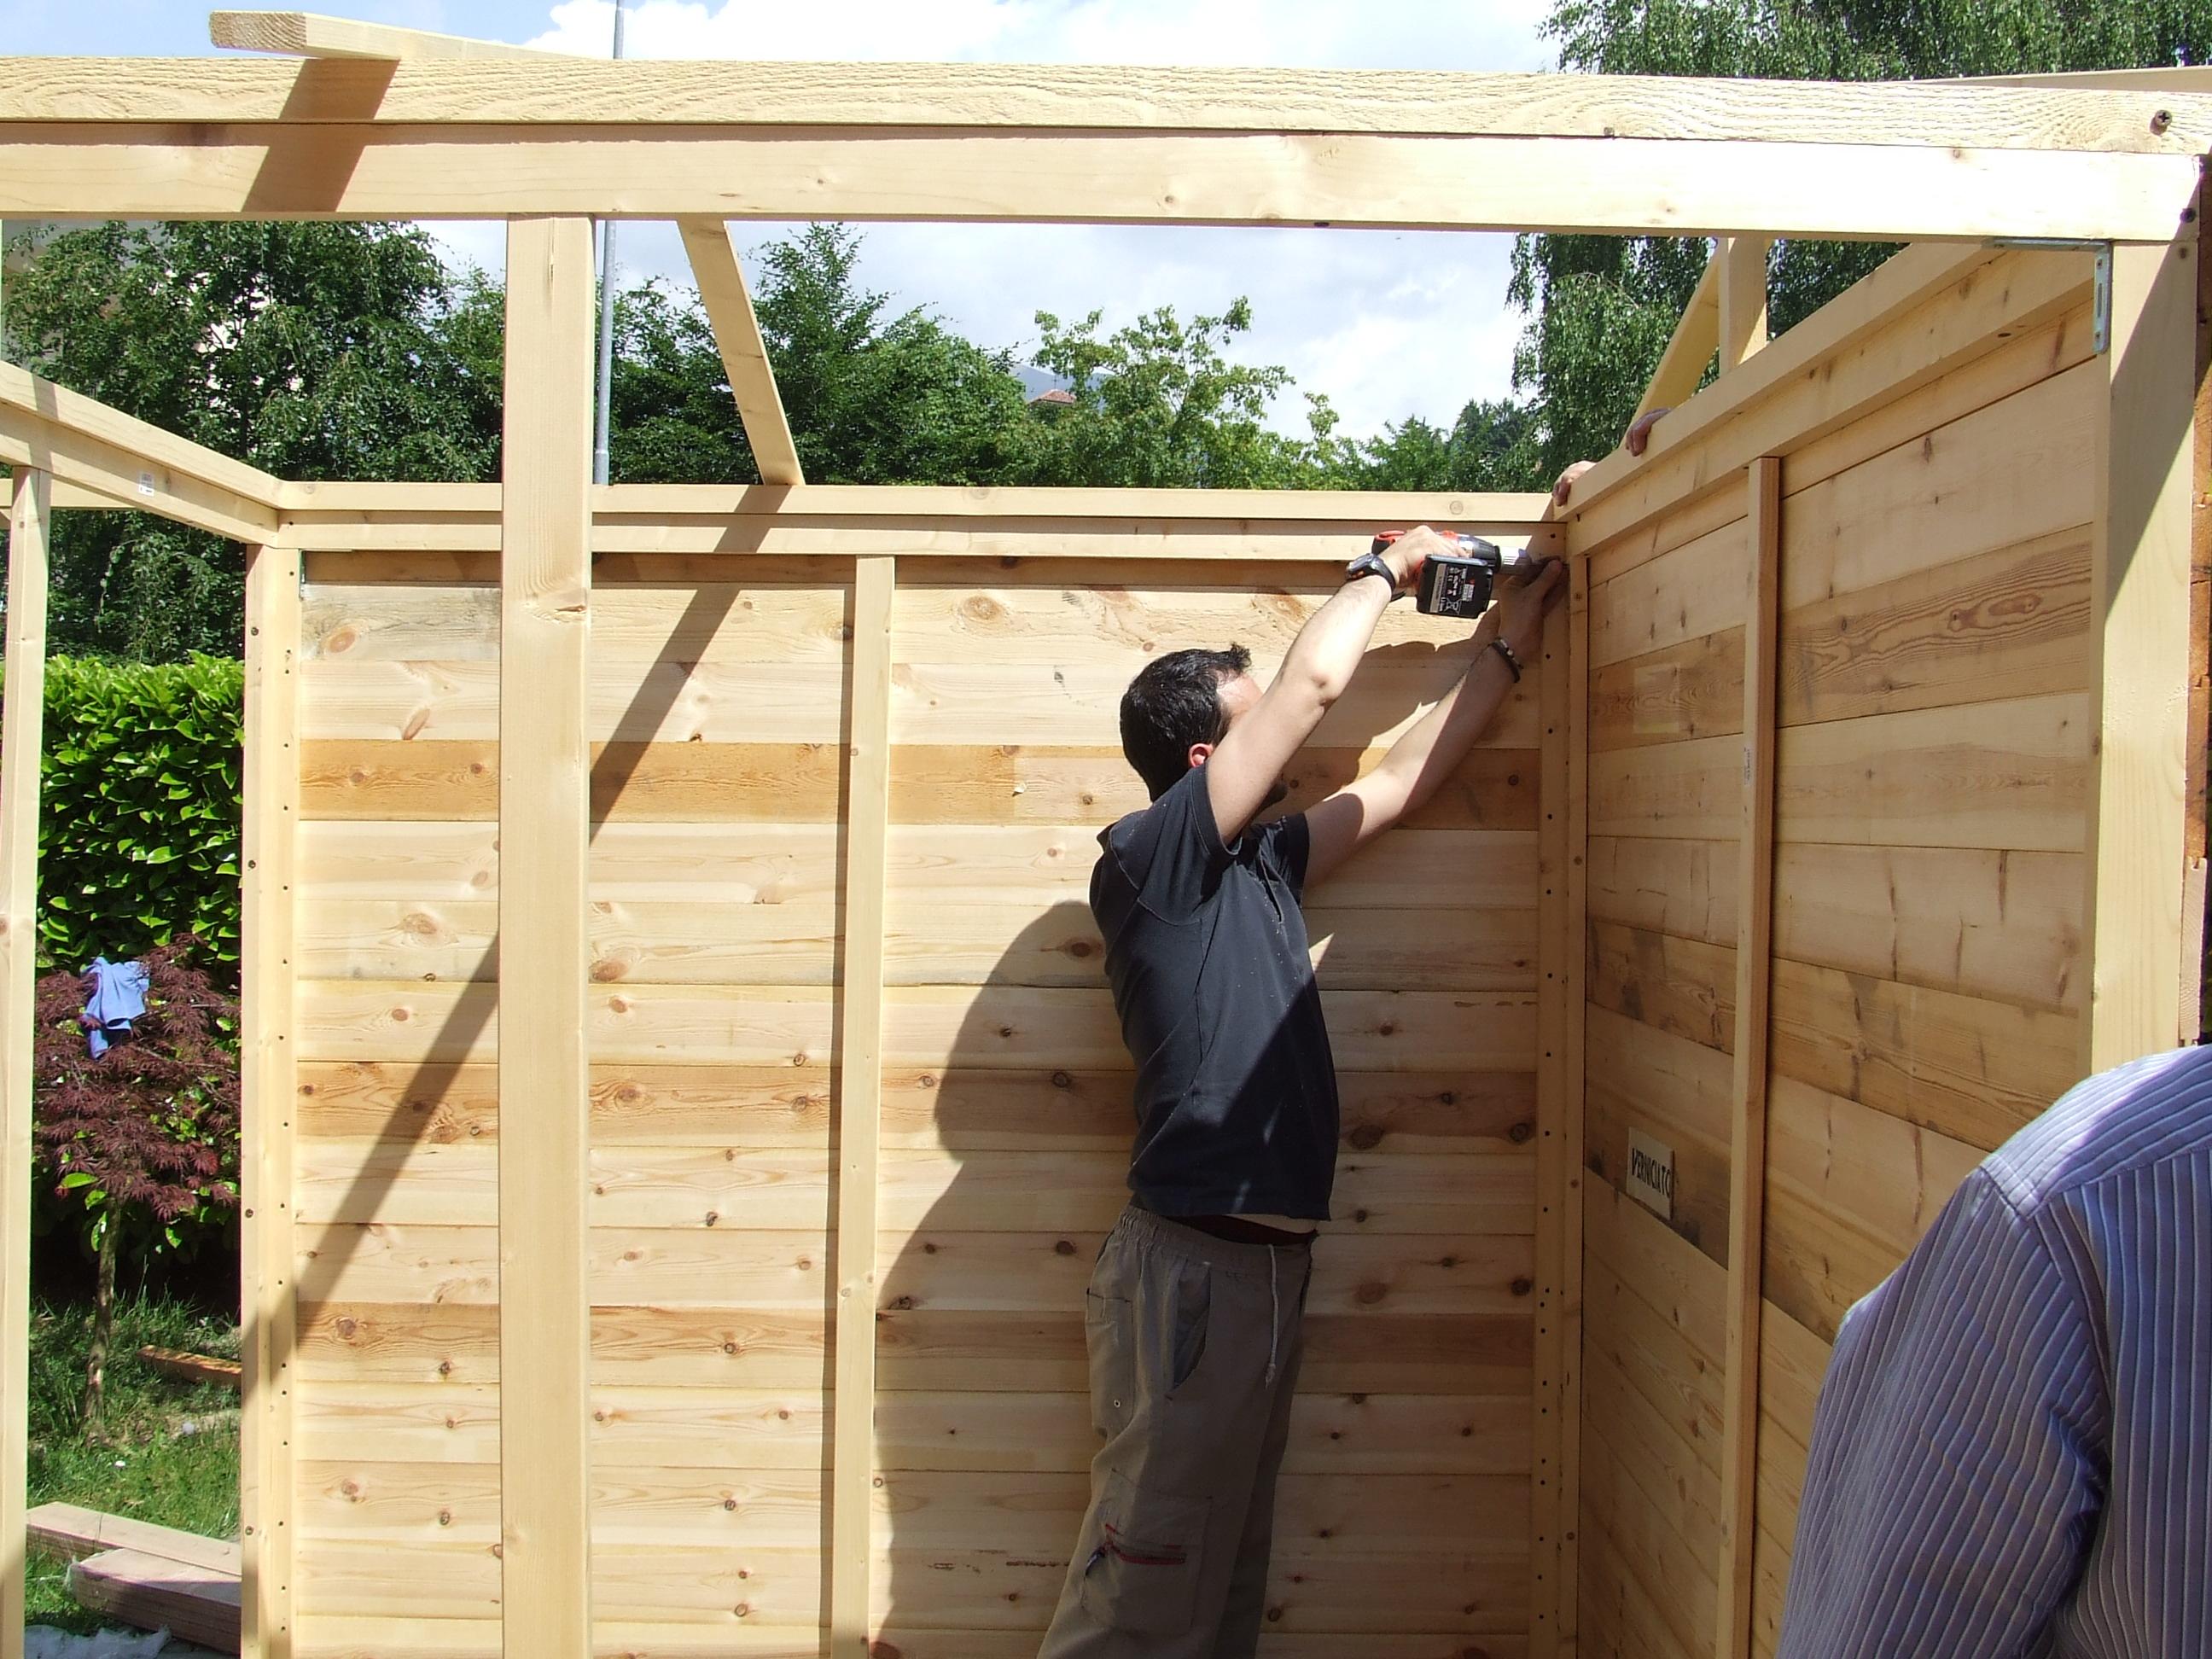 Casetta porta attrezzi in legno fai da te fardasefapertre - Vorrei costruire una casa in legno ...